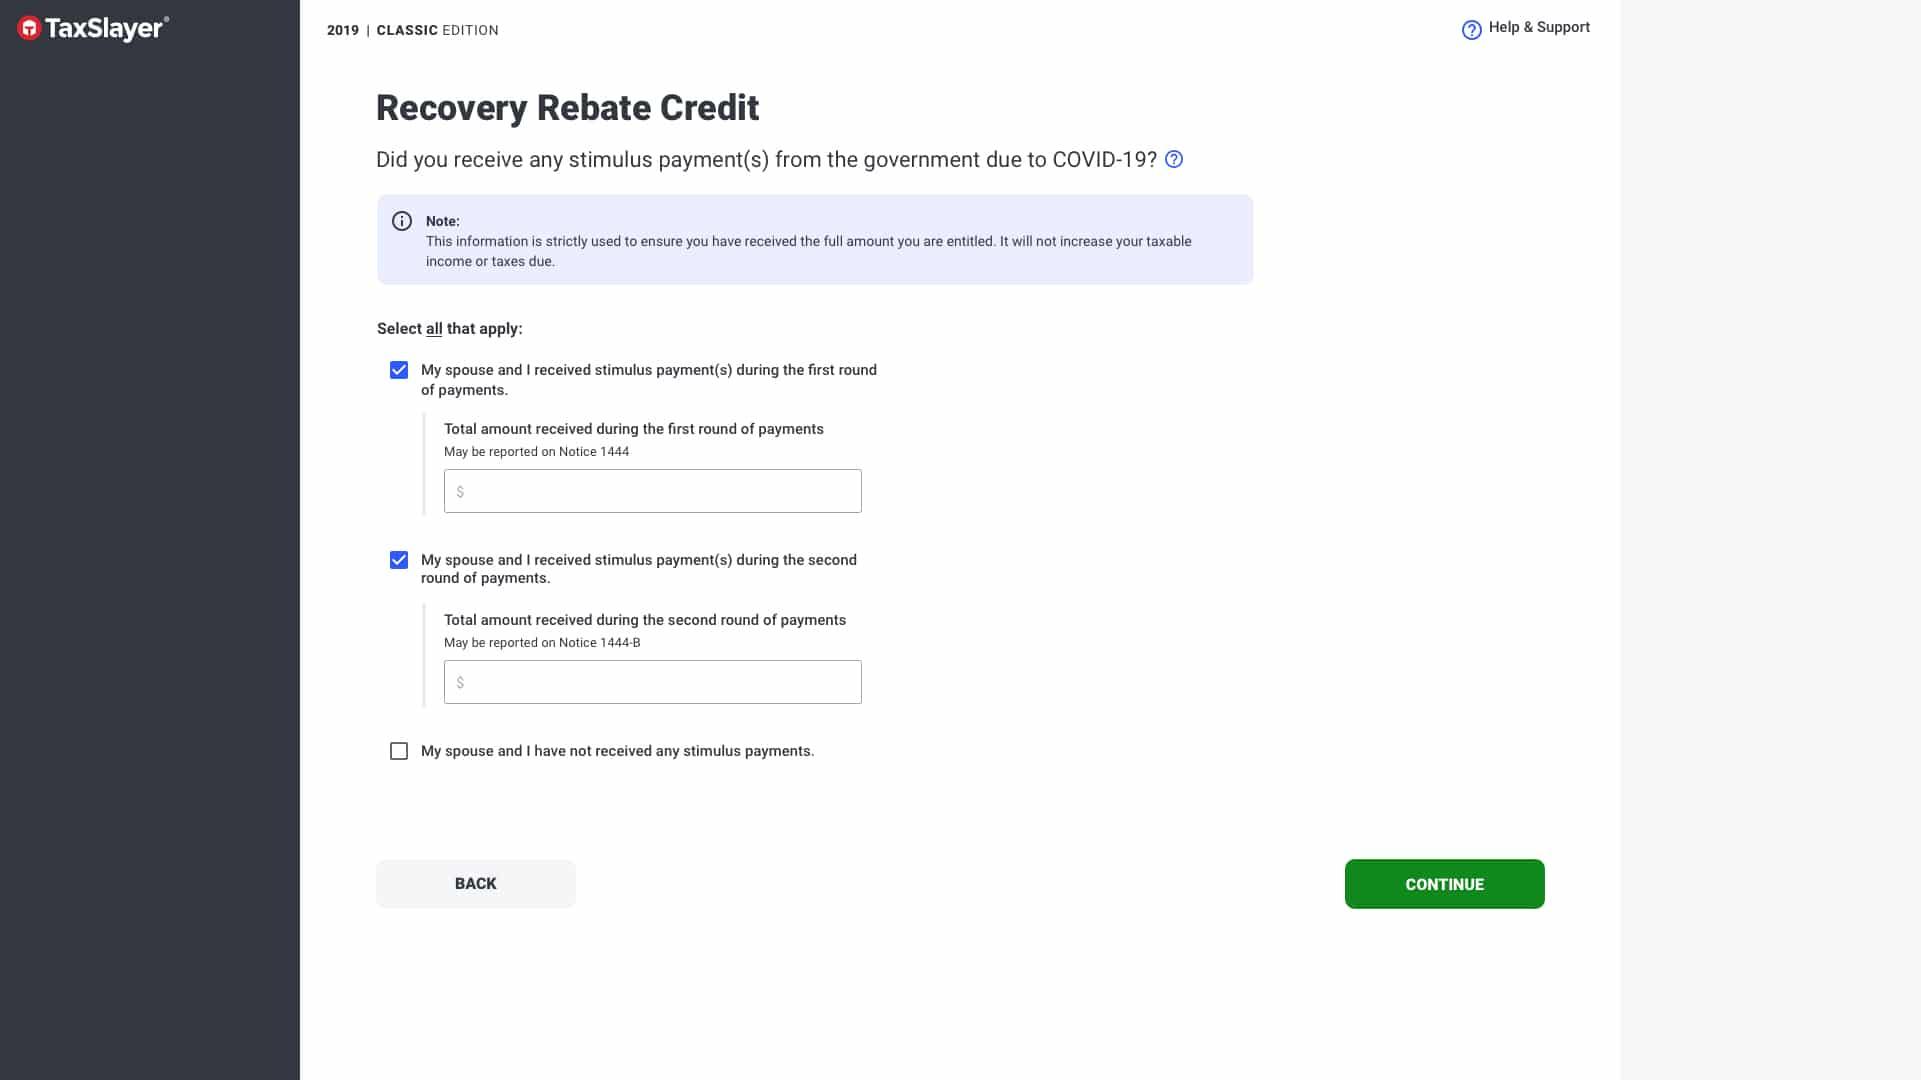 Crédito de reembolso por recuperación de TaxSlayer